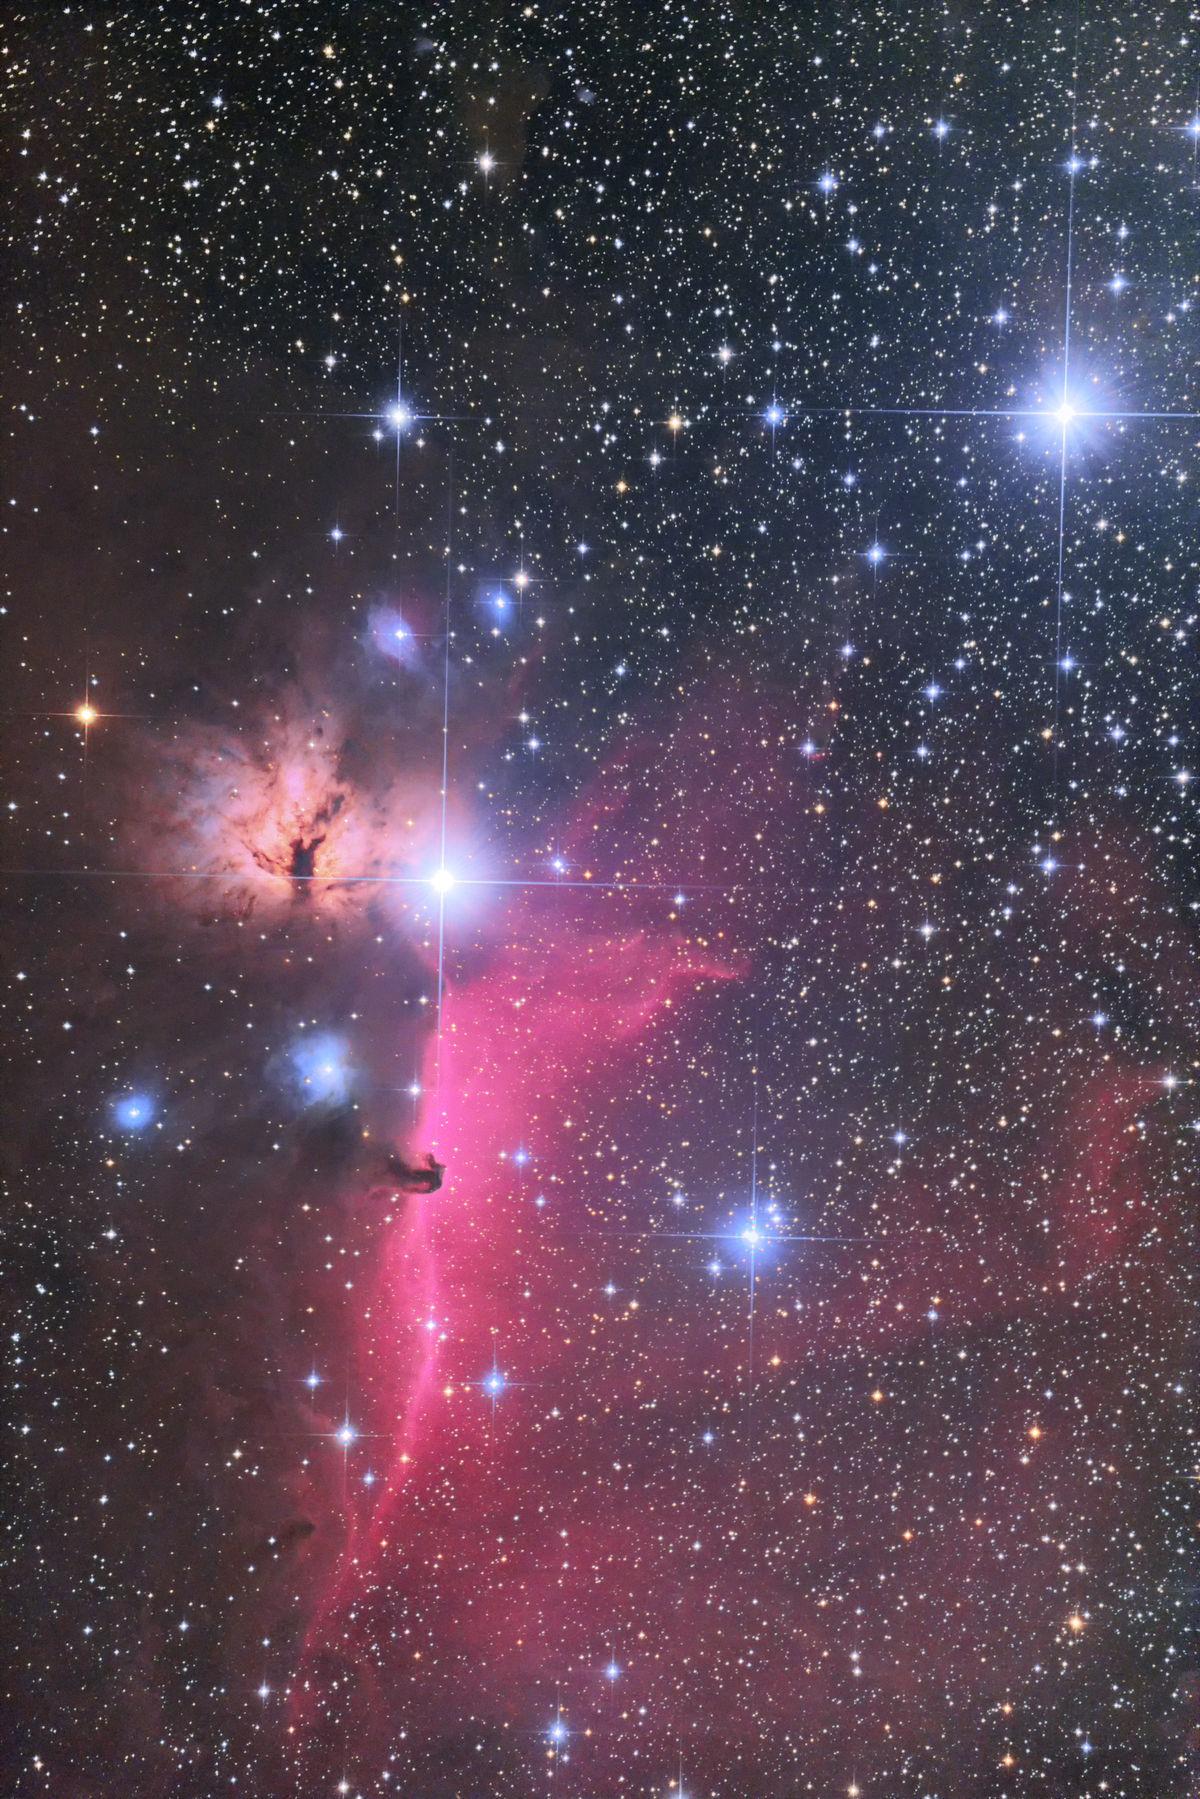 【星雲】燃える木 & 馬頭星雲